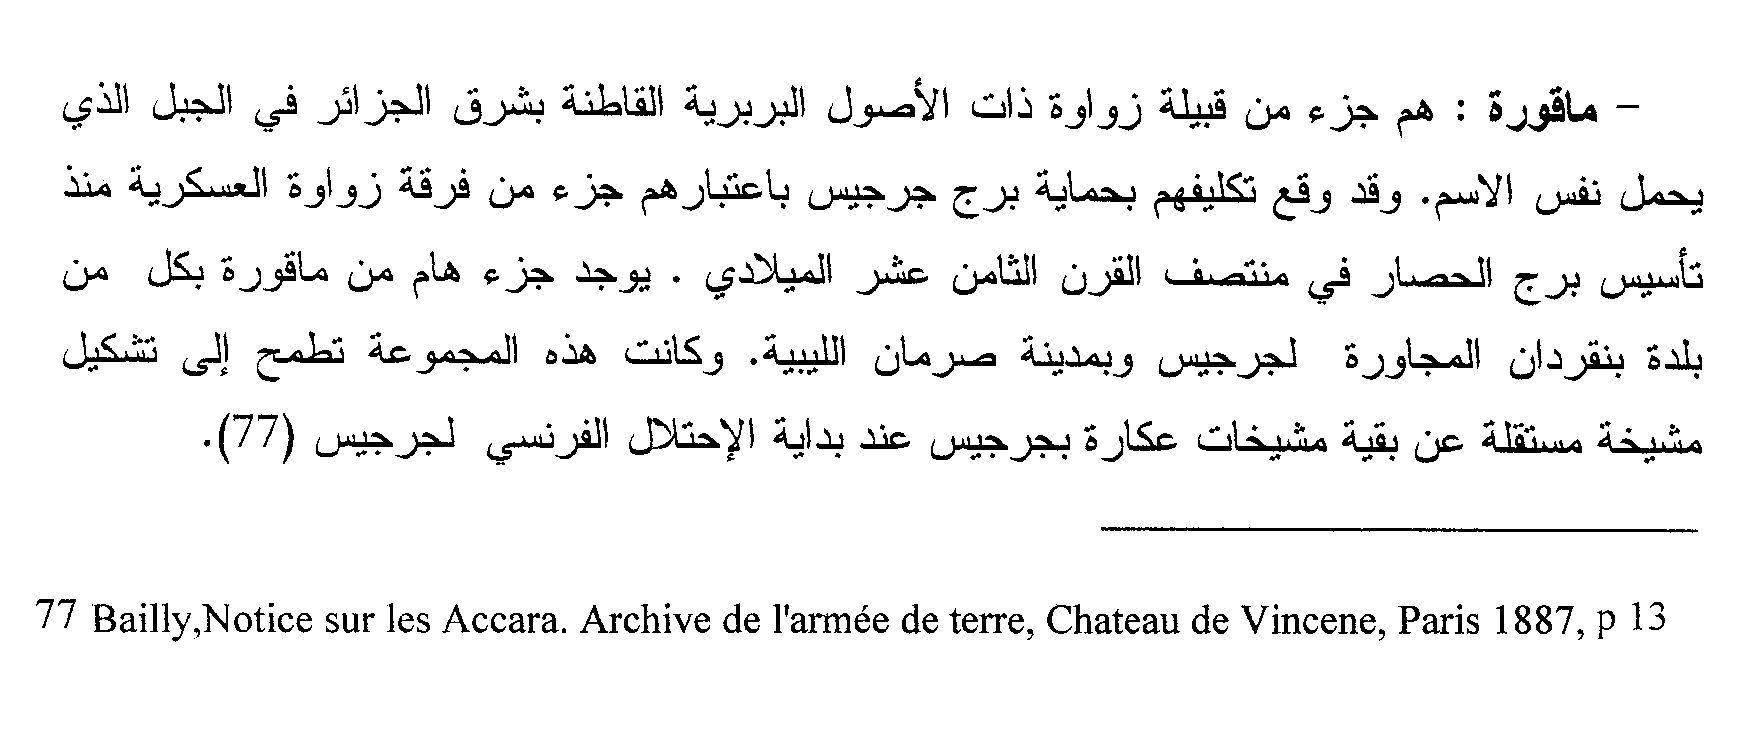 قبيلة ماقورة كتاب تاريخ شبة جزيرة جرجيس الجزء الثاني النباء القبلي ص71